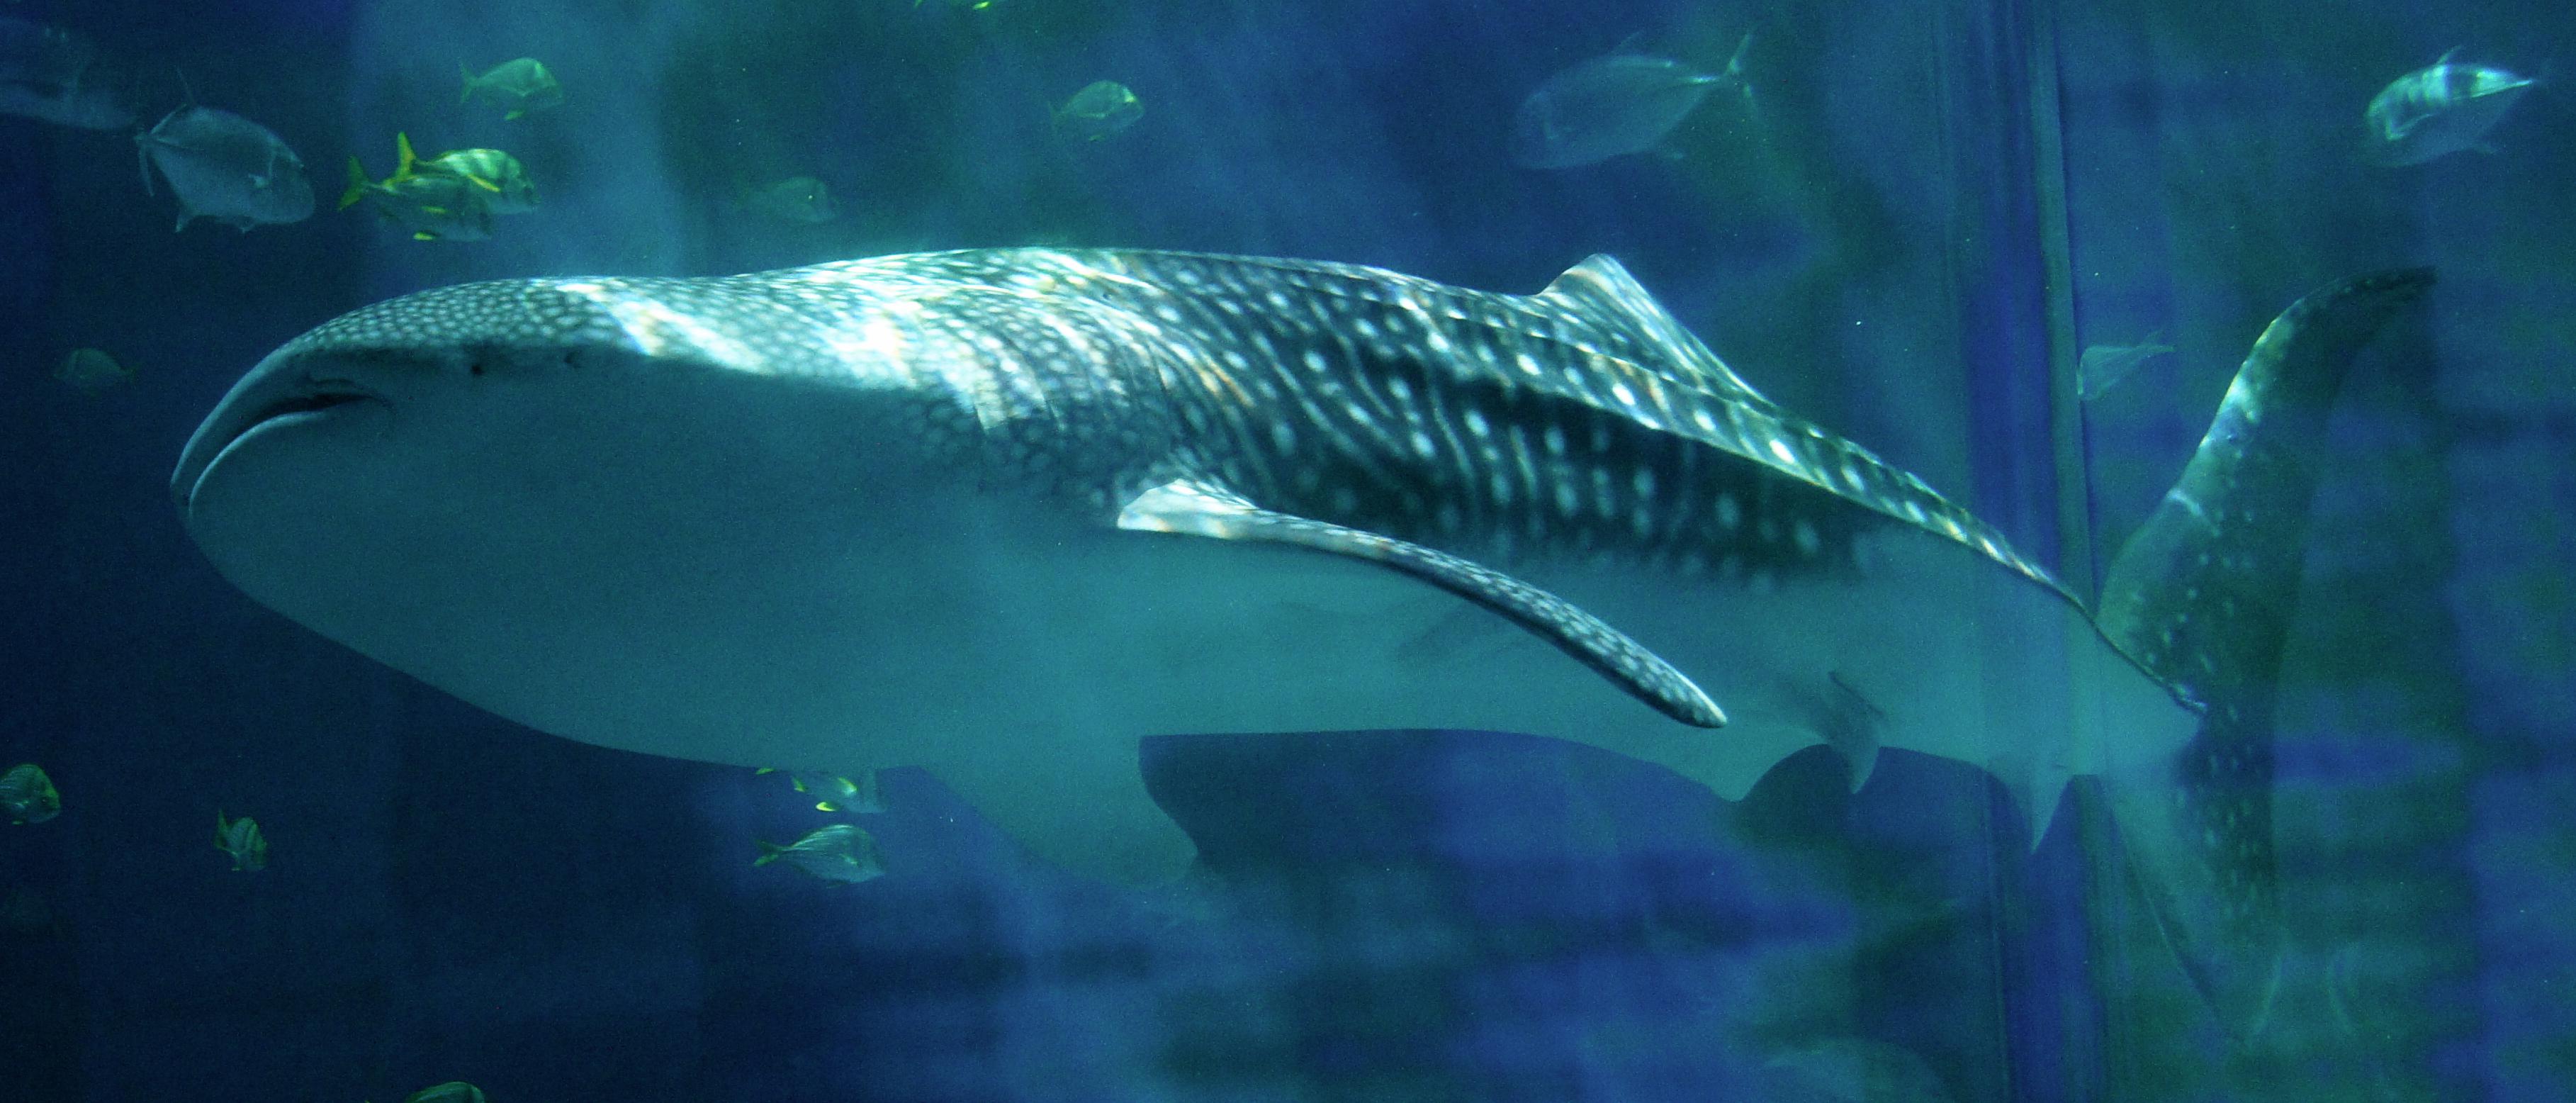 25 best aquariums in